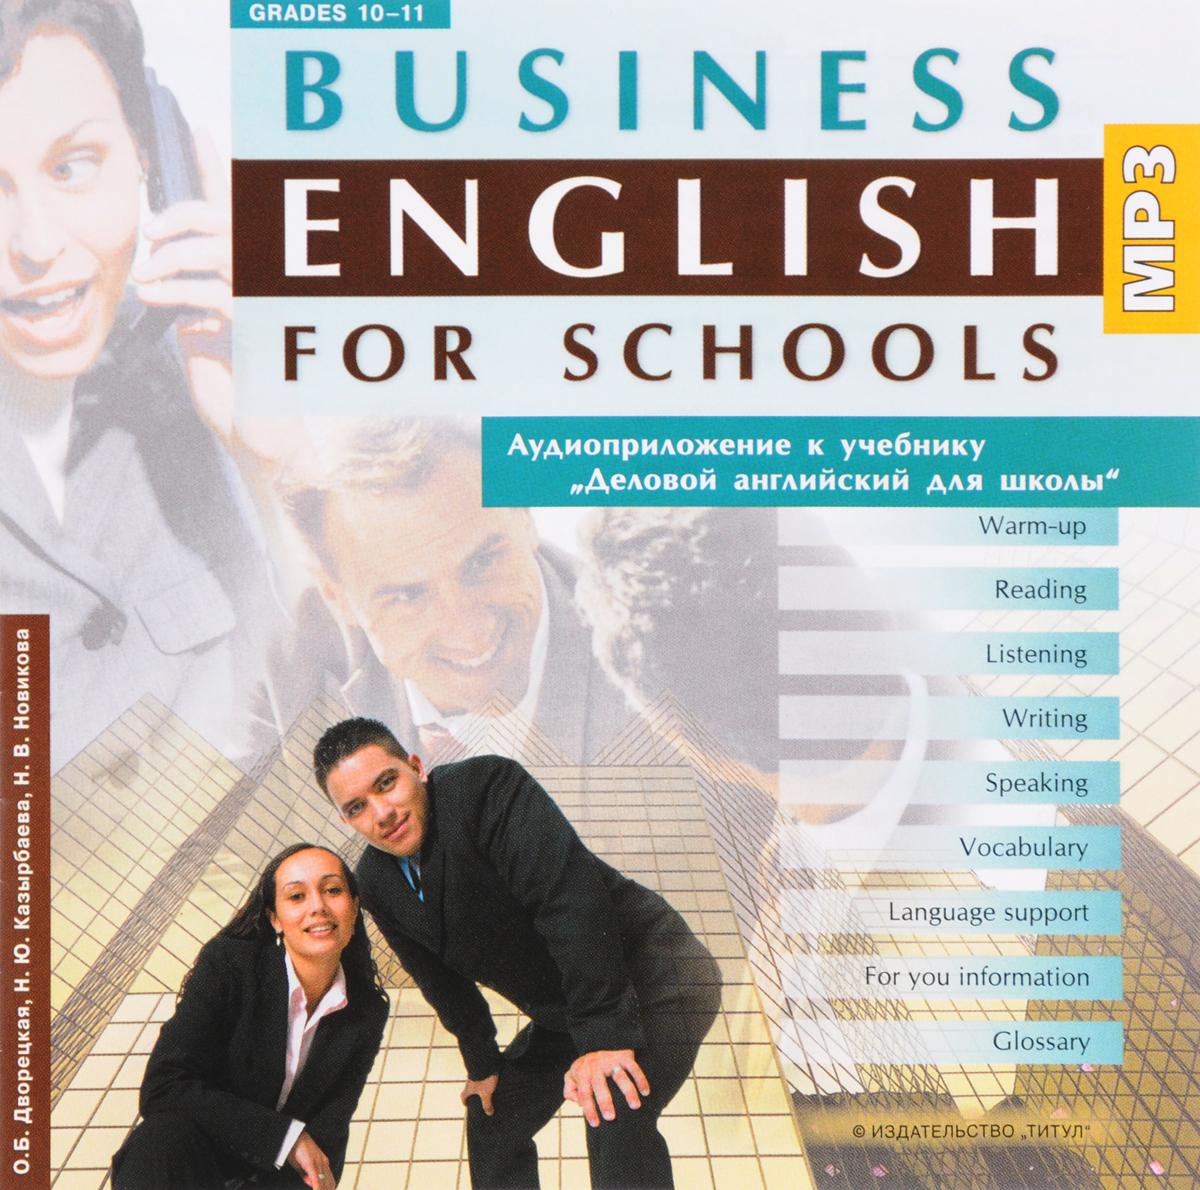 Business English for Schools 10-11 / Английский язык. 10-11 классы (аудиокурс MP3)